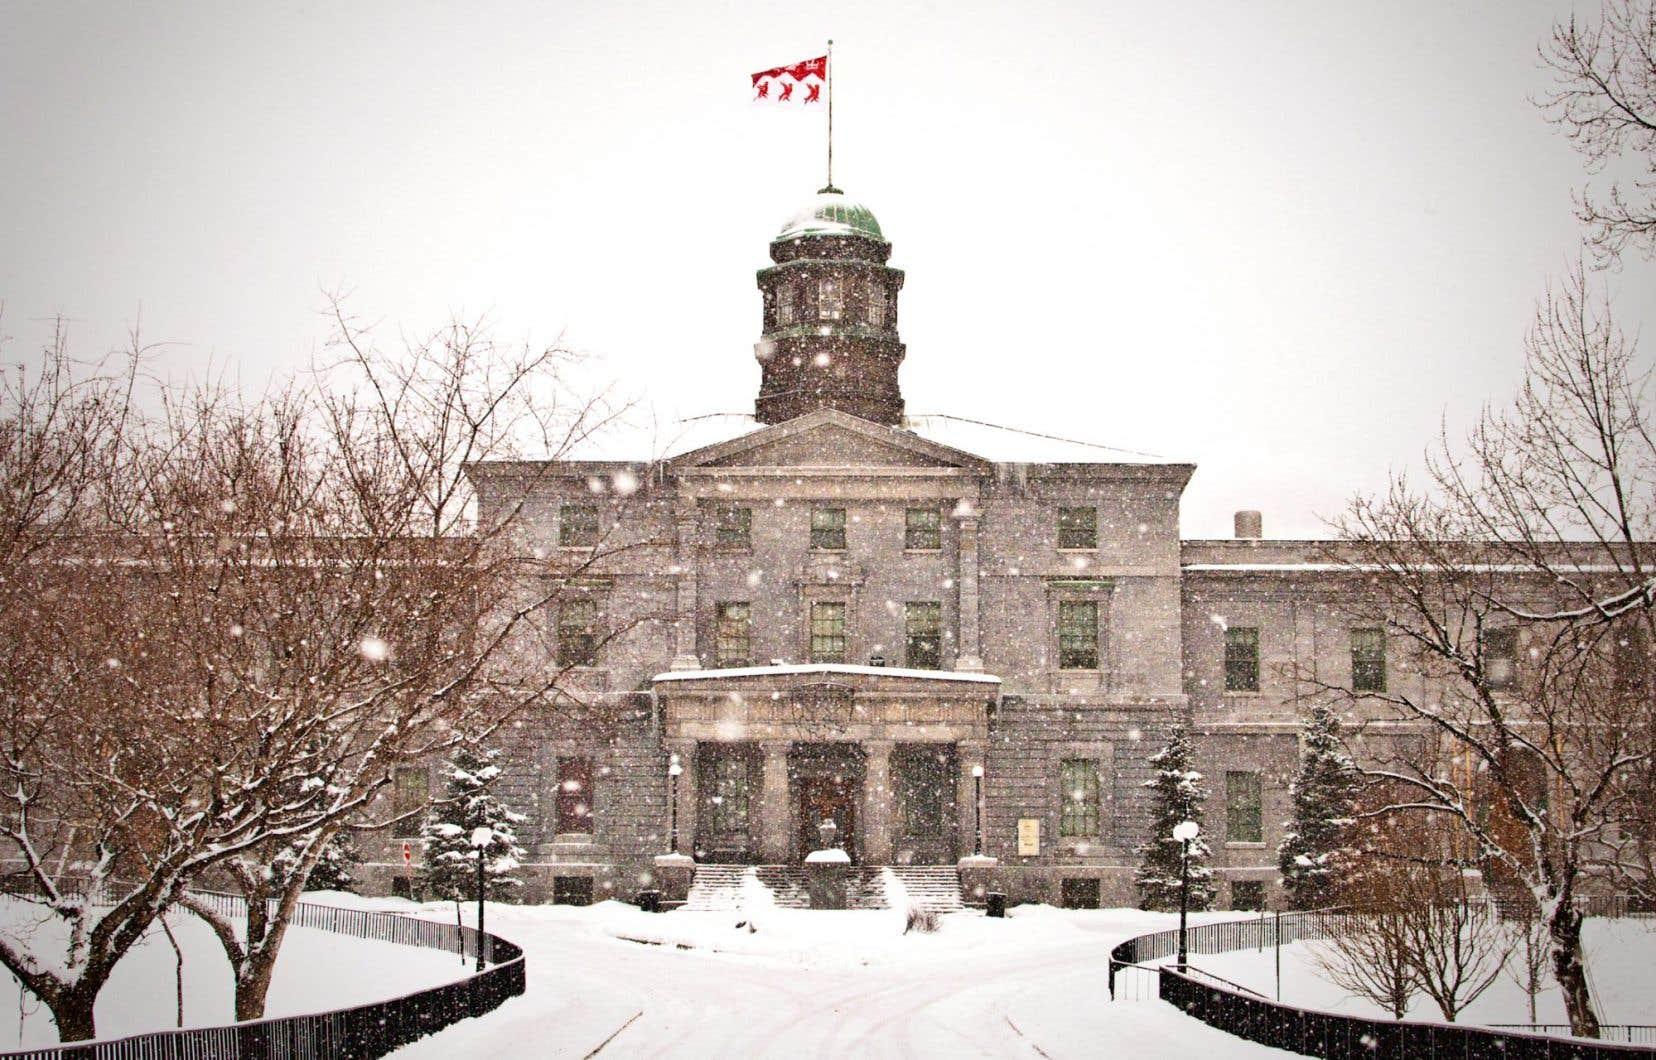 La campagne à l'Université McGill réclame un «désinvestissement» des 5% du fonds de dotation (constitué d'un milliard de dollars) que l'on estime liés aux combustibles fossiles. Il y a deux ans, une requête initiale présentée au Conseil des gouverneurs avait été rejetée pour de faibles motifs.